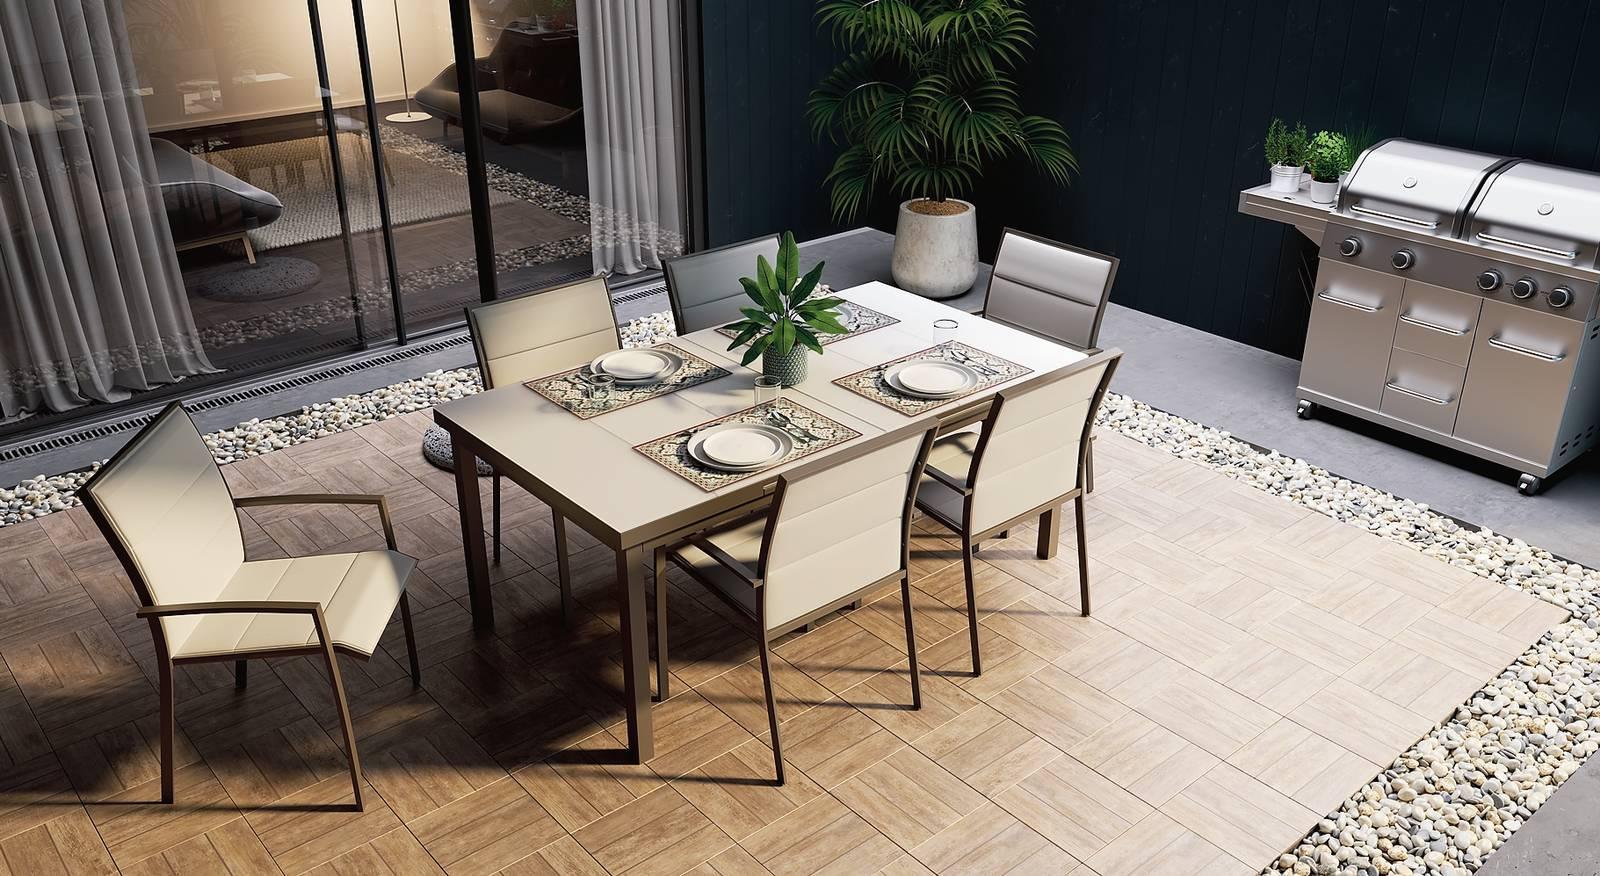 Da leroy merlin tavoli e sedie per esterni per arredare balconi e giardini cose di casa - Tavoli giardino leroy merlin ...